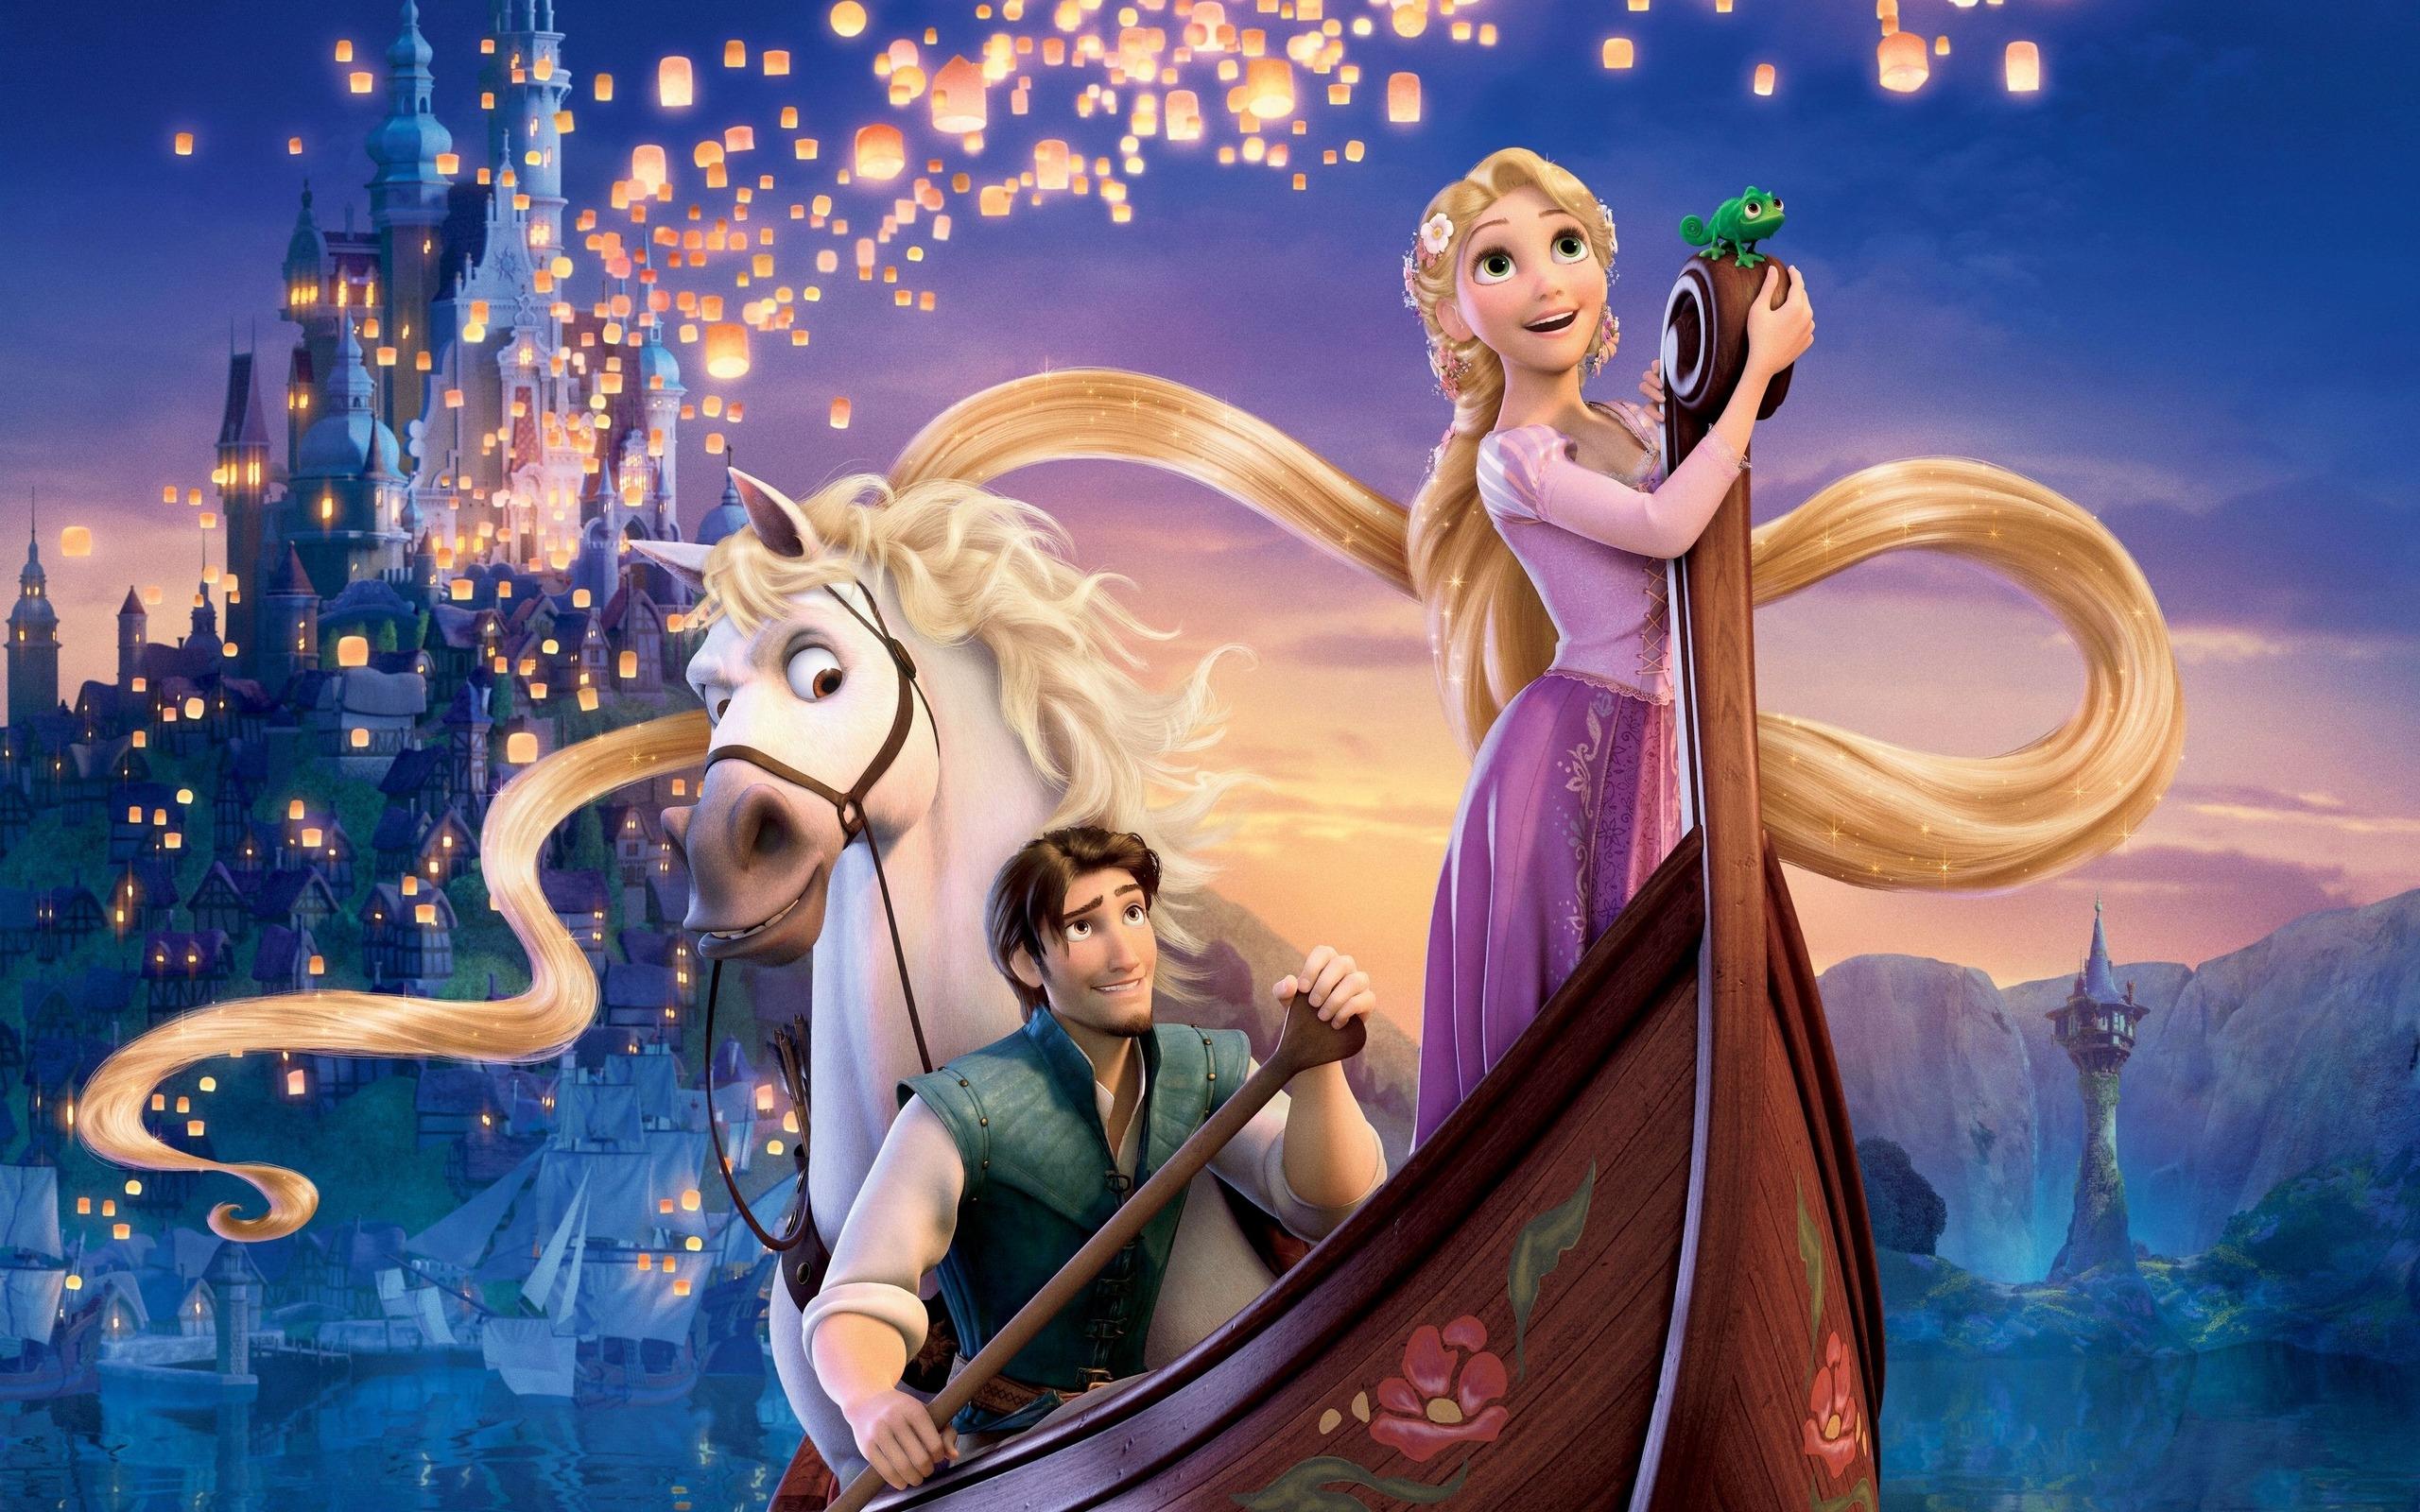 Disney Desktop Backgrounds   wwwwallpapers in hdcom 2560x1600